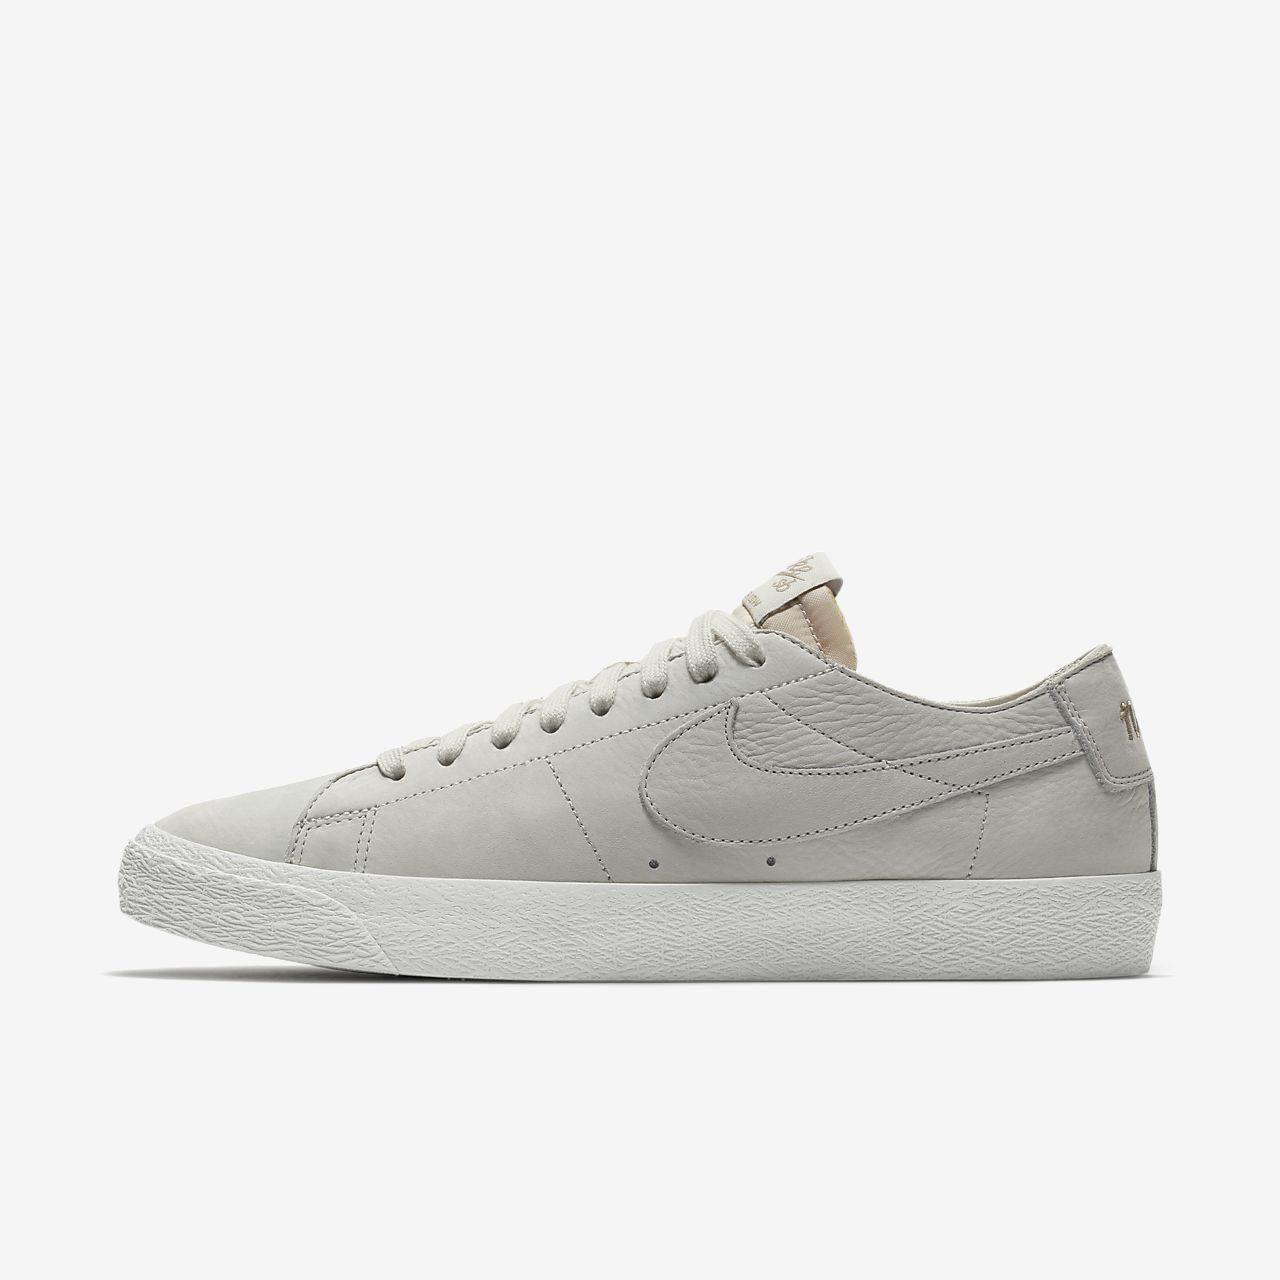 ... Nike SB Zoom Blazer Low Deconstructed Erkek Kaykay Ayakkabısı